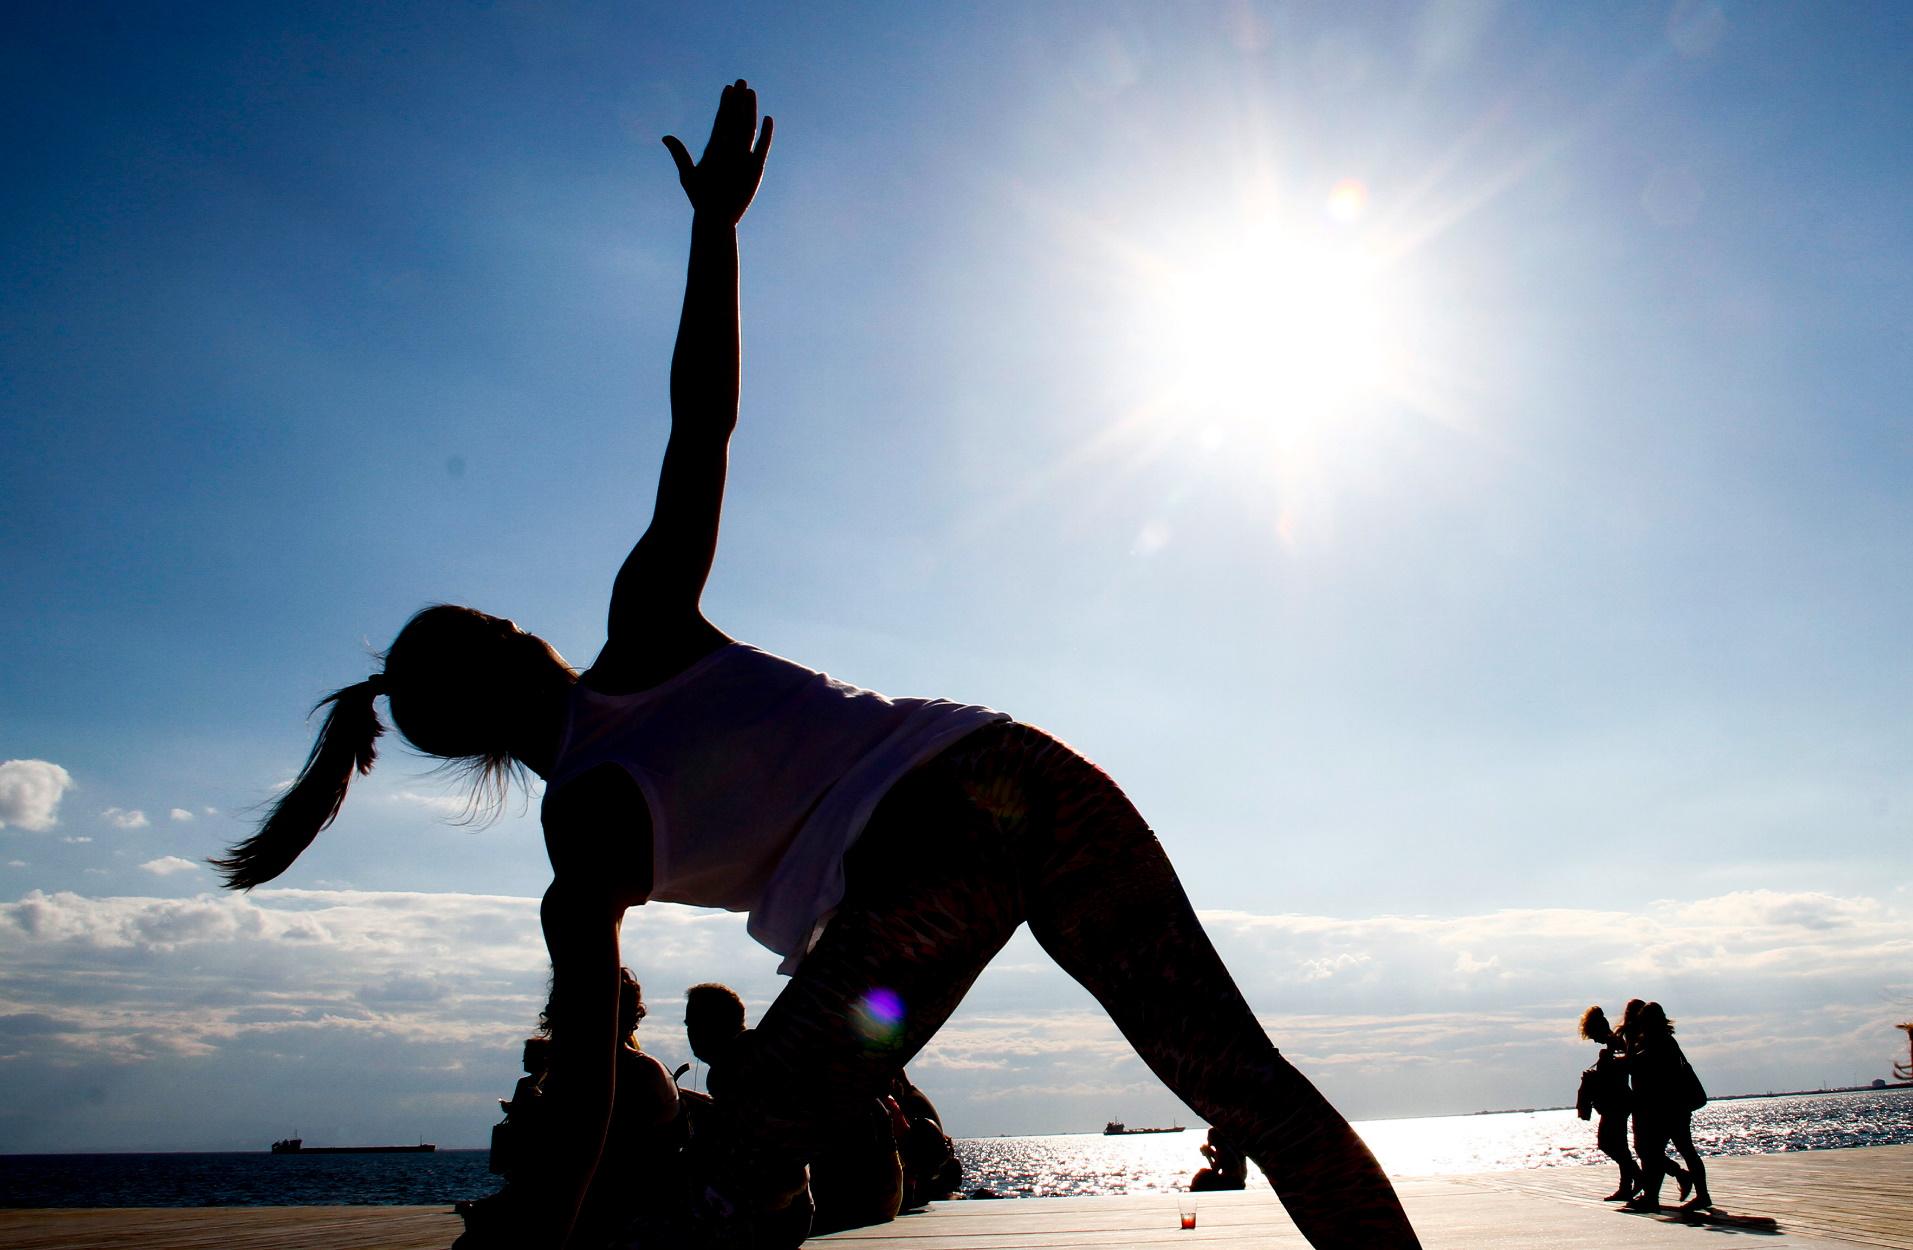 Άσκηση: Τι σημαίνει αυτή η «σουβλιά» στην πλευρά του σώματος όταν κάνετε γυμναστική